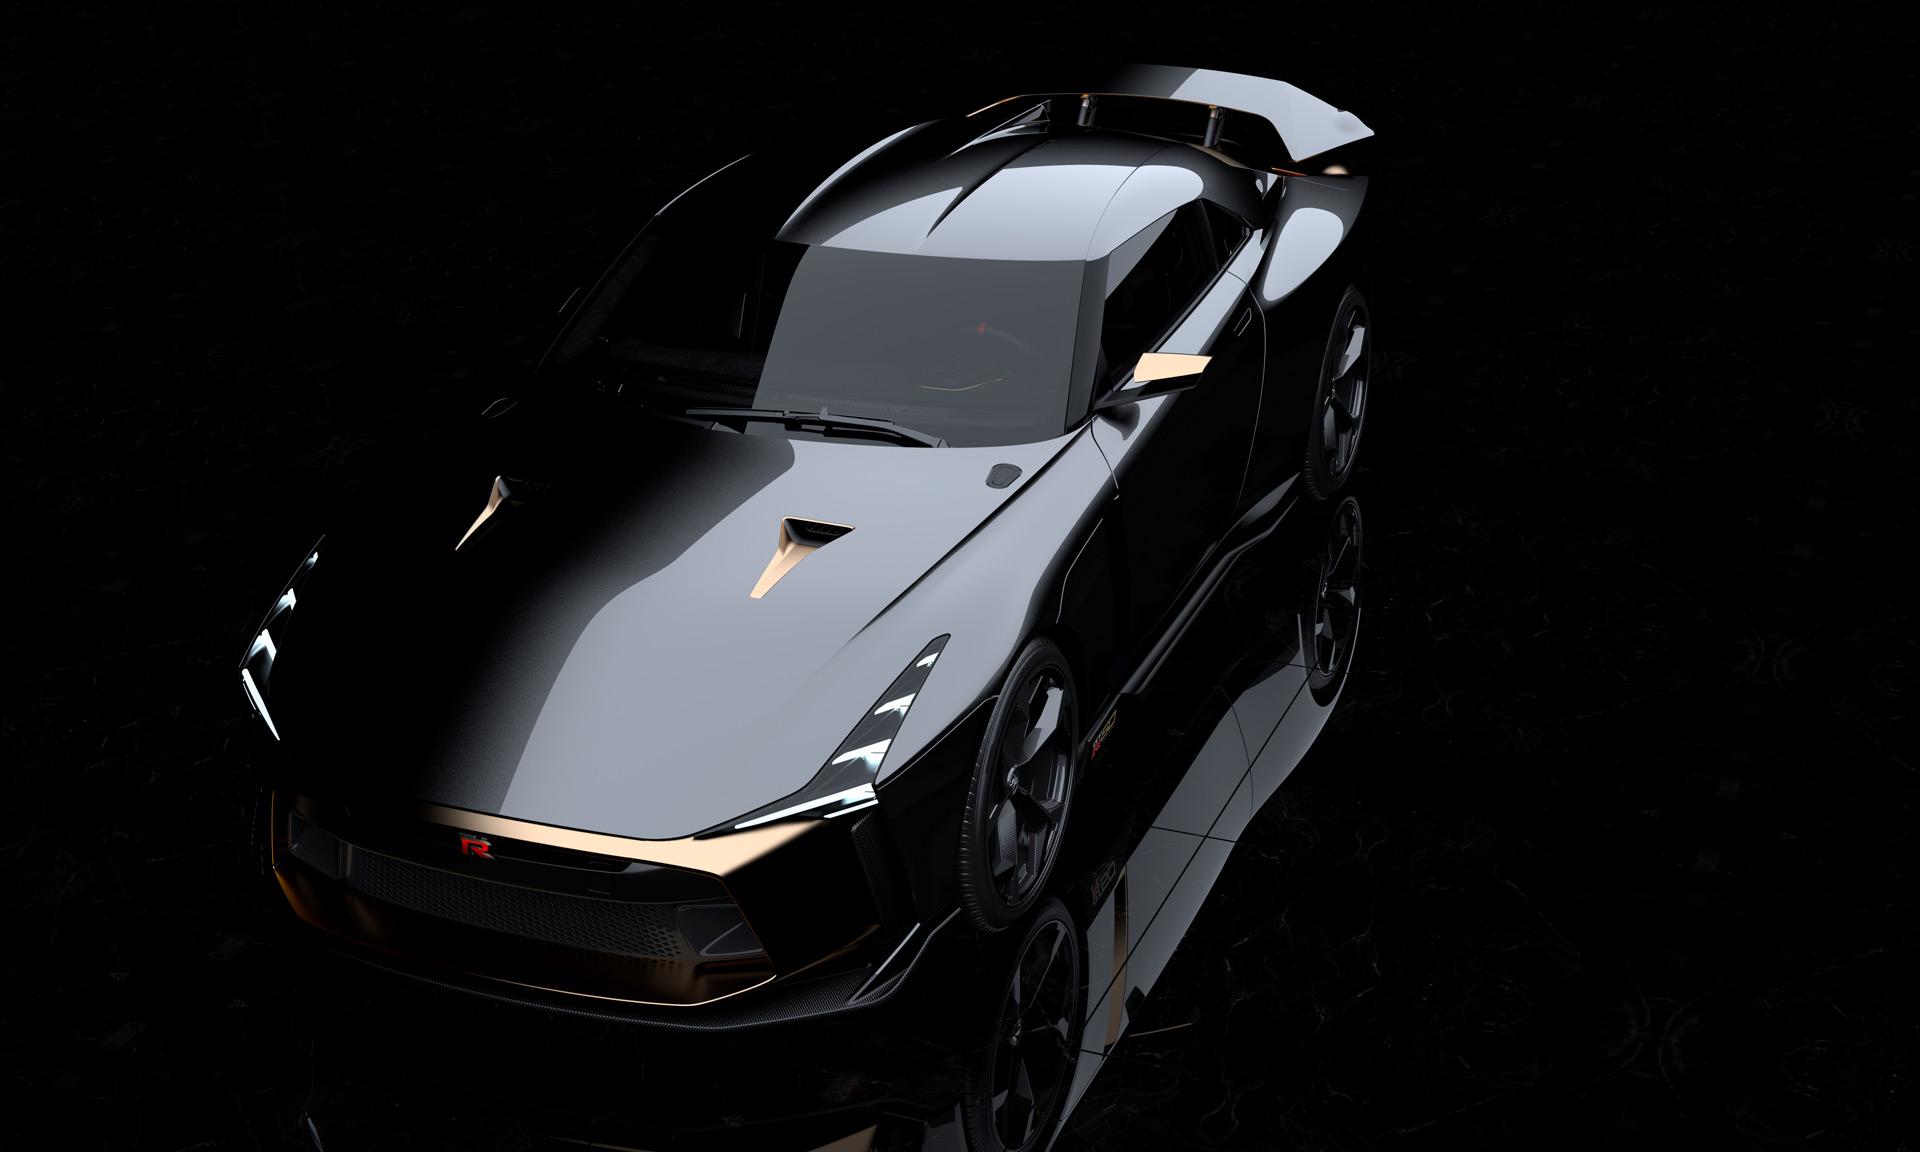 Nissan и Italdesign представляют уникальный прототип GT-R по случаю 50-летия модели